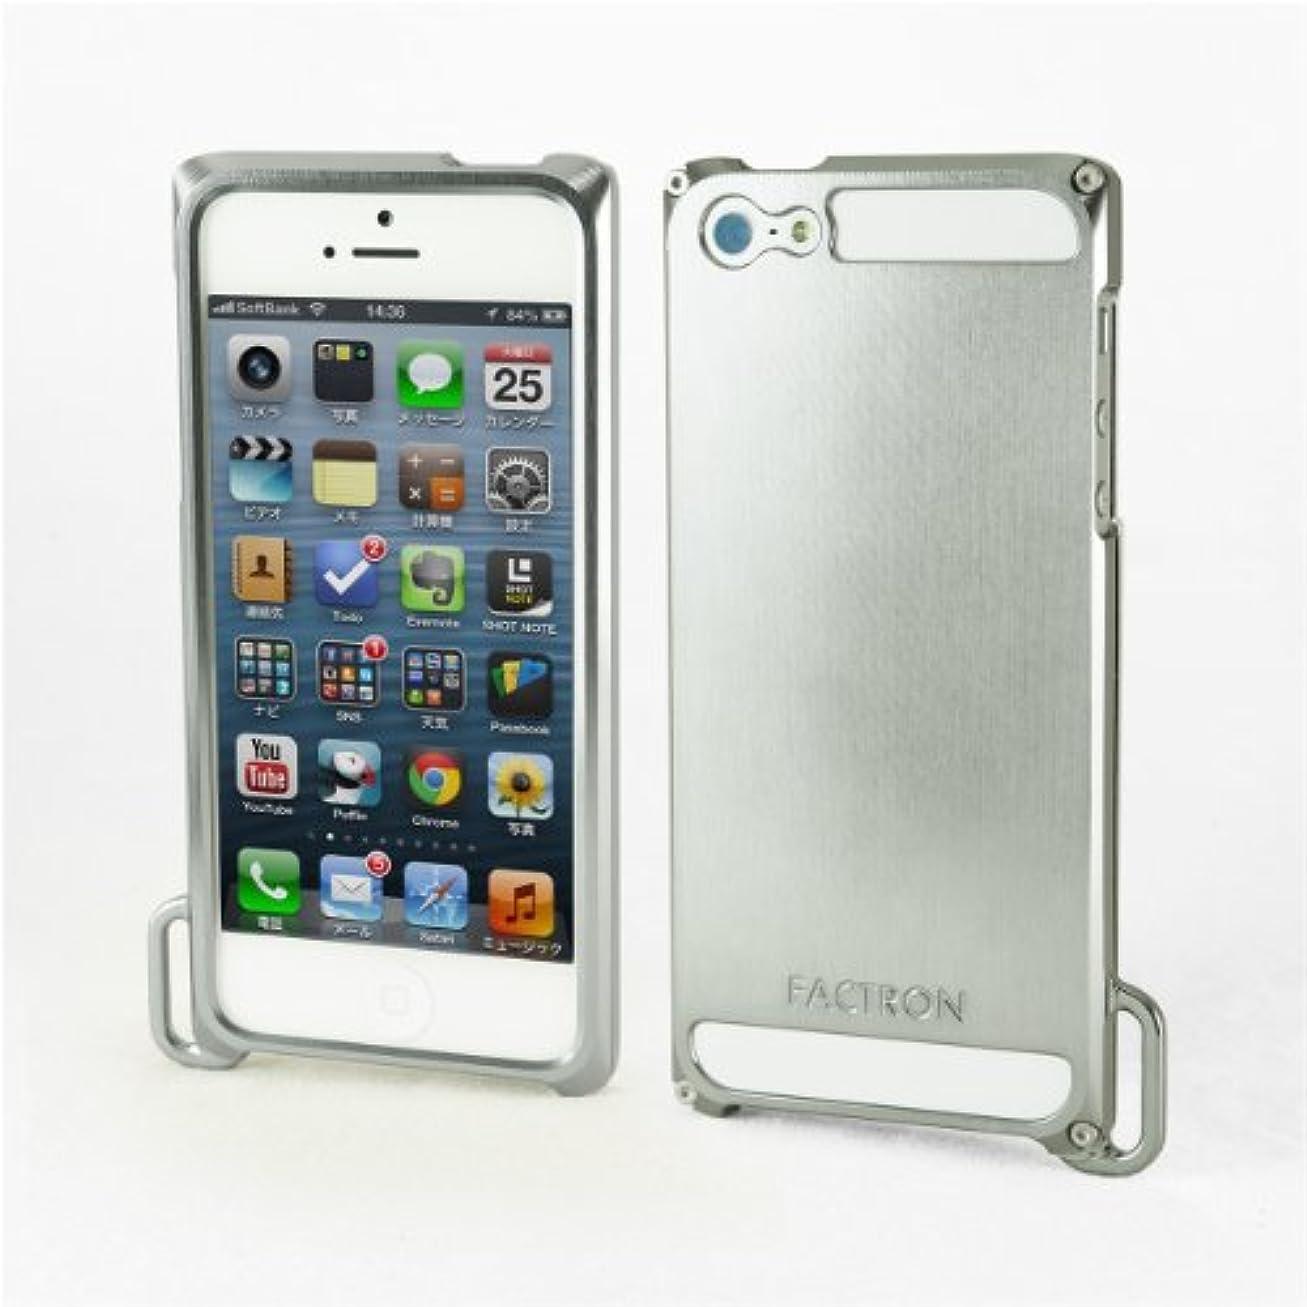 無駄に機関フェローシップファクタスデザイン FACTRON G1 for iPhone5s ジュラルミン iPhone5/5s対応 シャイニーシルバー FA-M-169